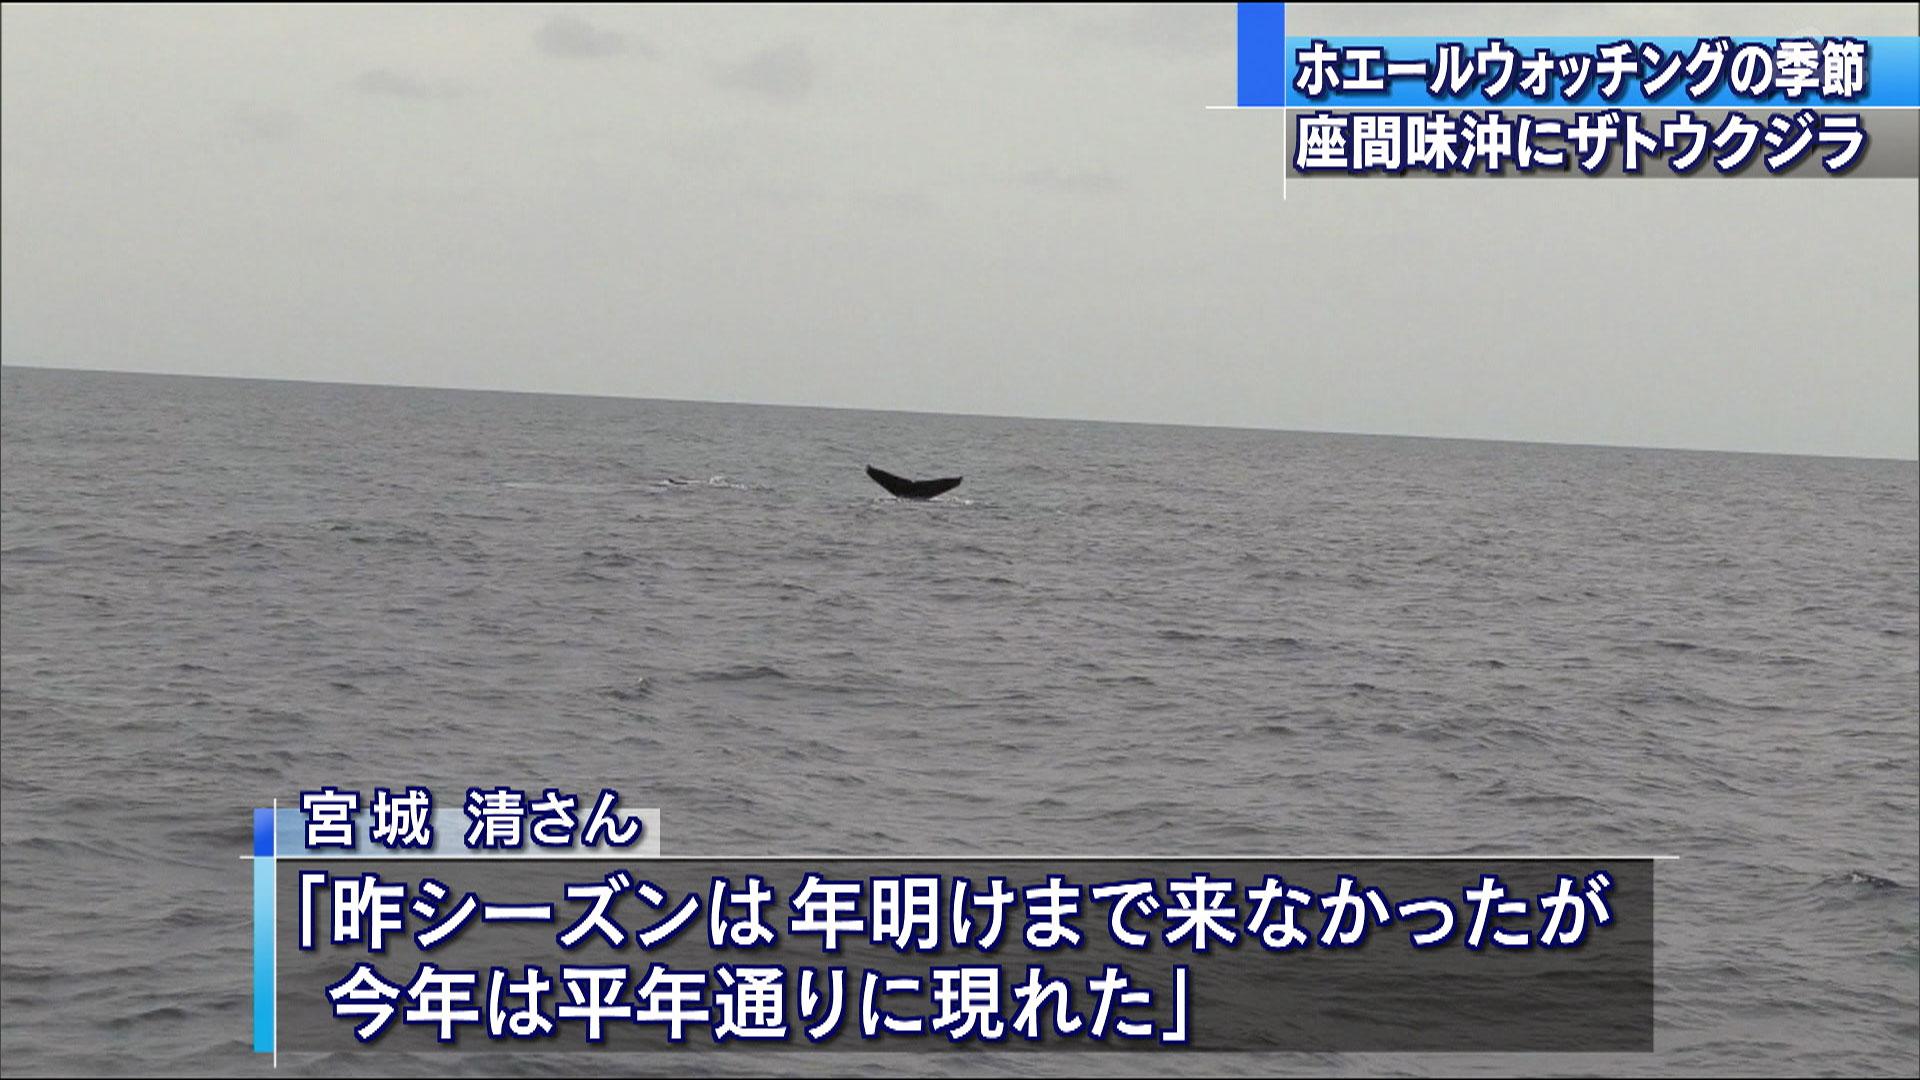 座間味沖でザトウクジラ2頭を確認